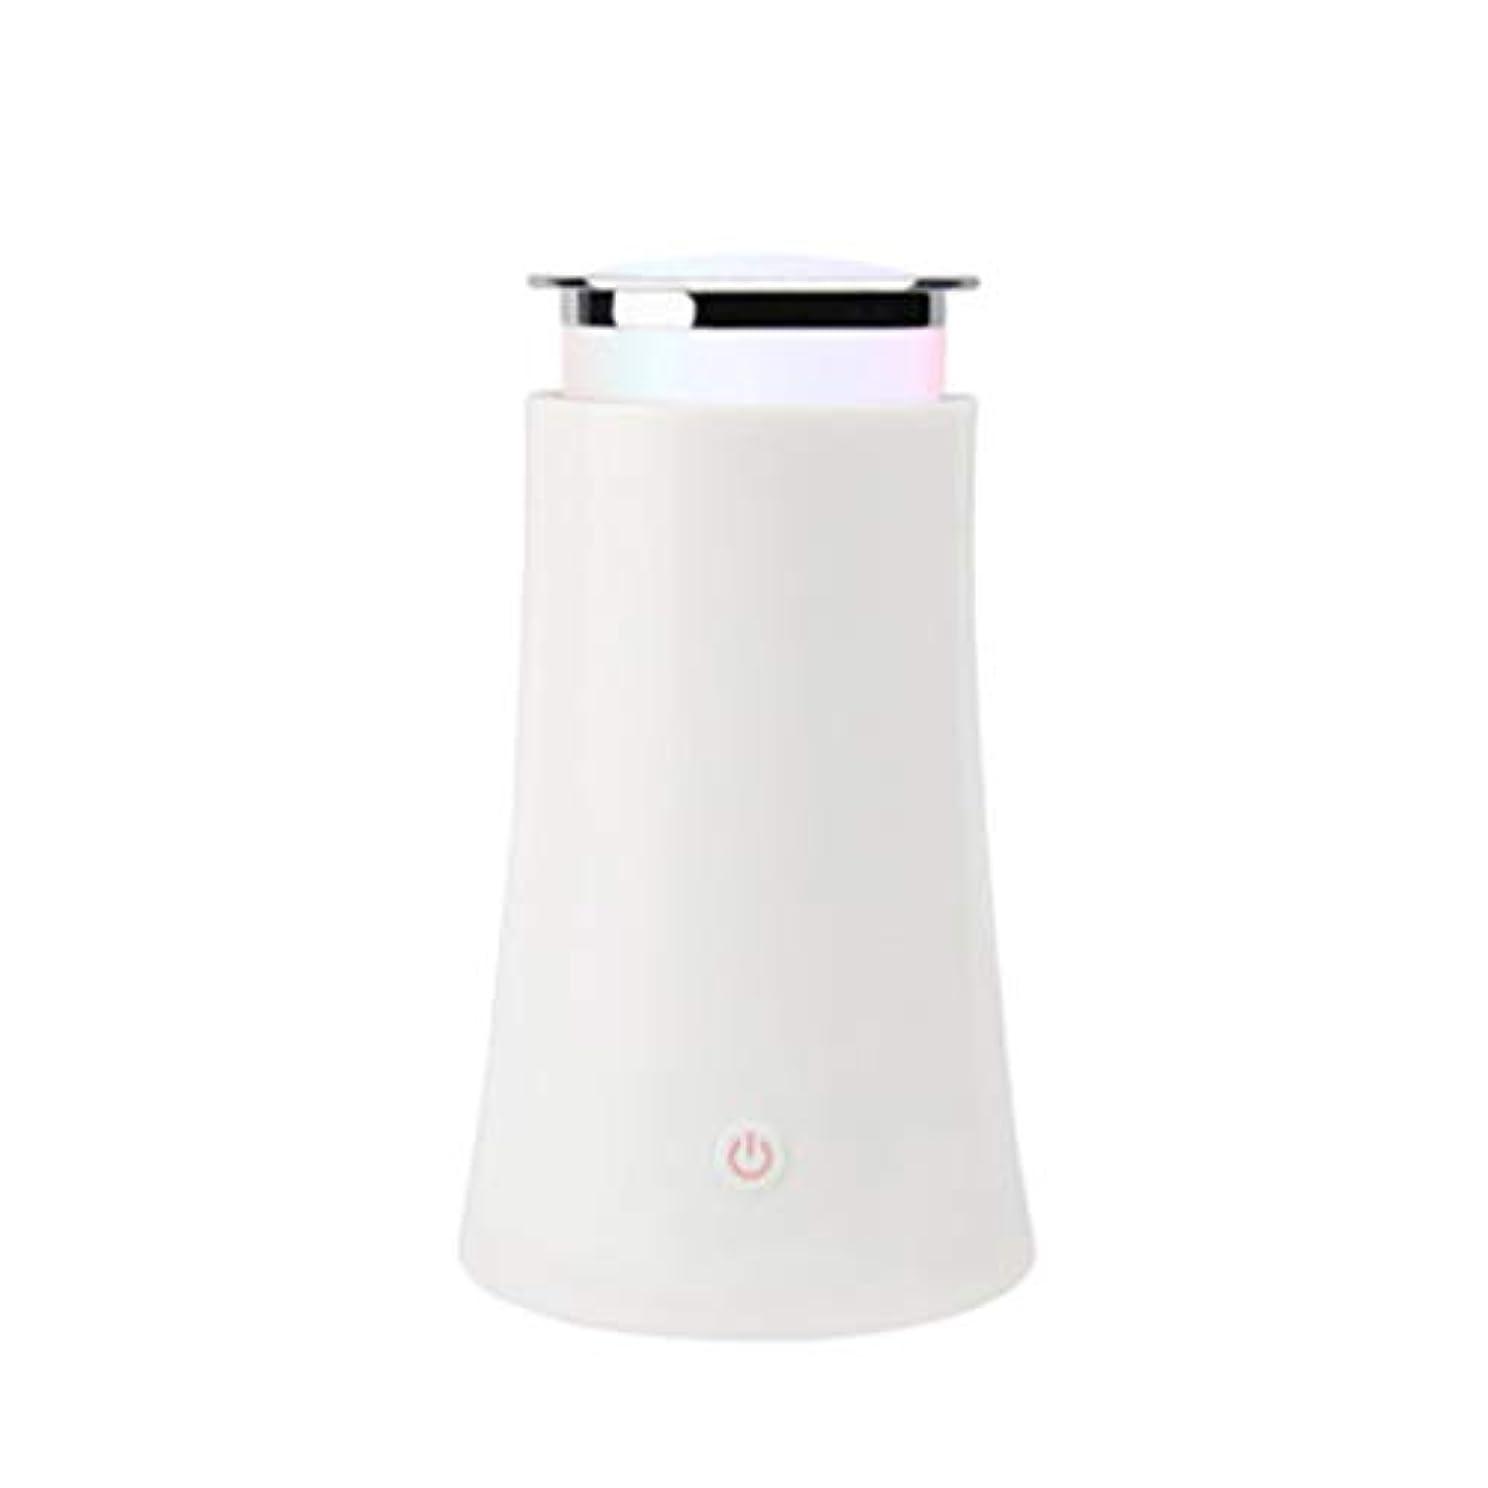 液化するネックレットタップサイレントカラースプレー機超音波加湿器プラグイン加湿器香機世帯 (Color : White)